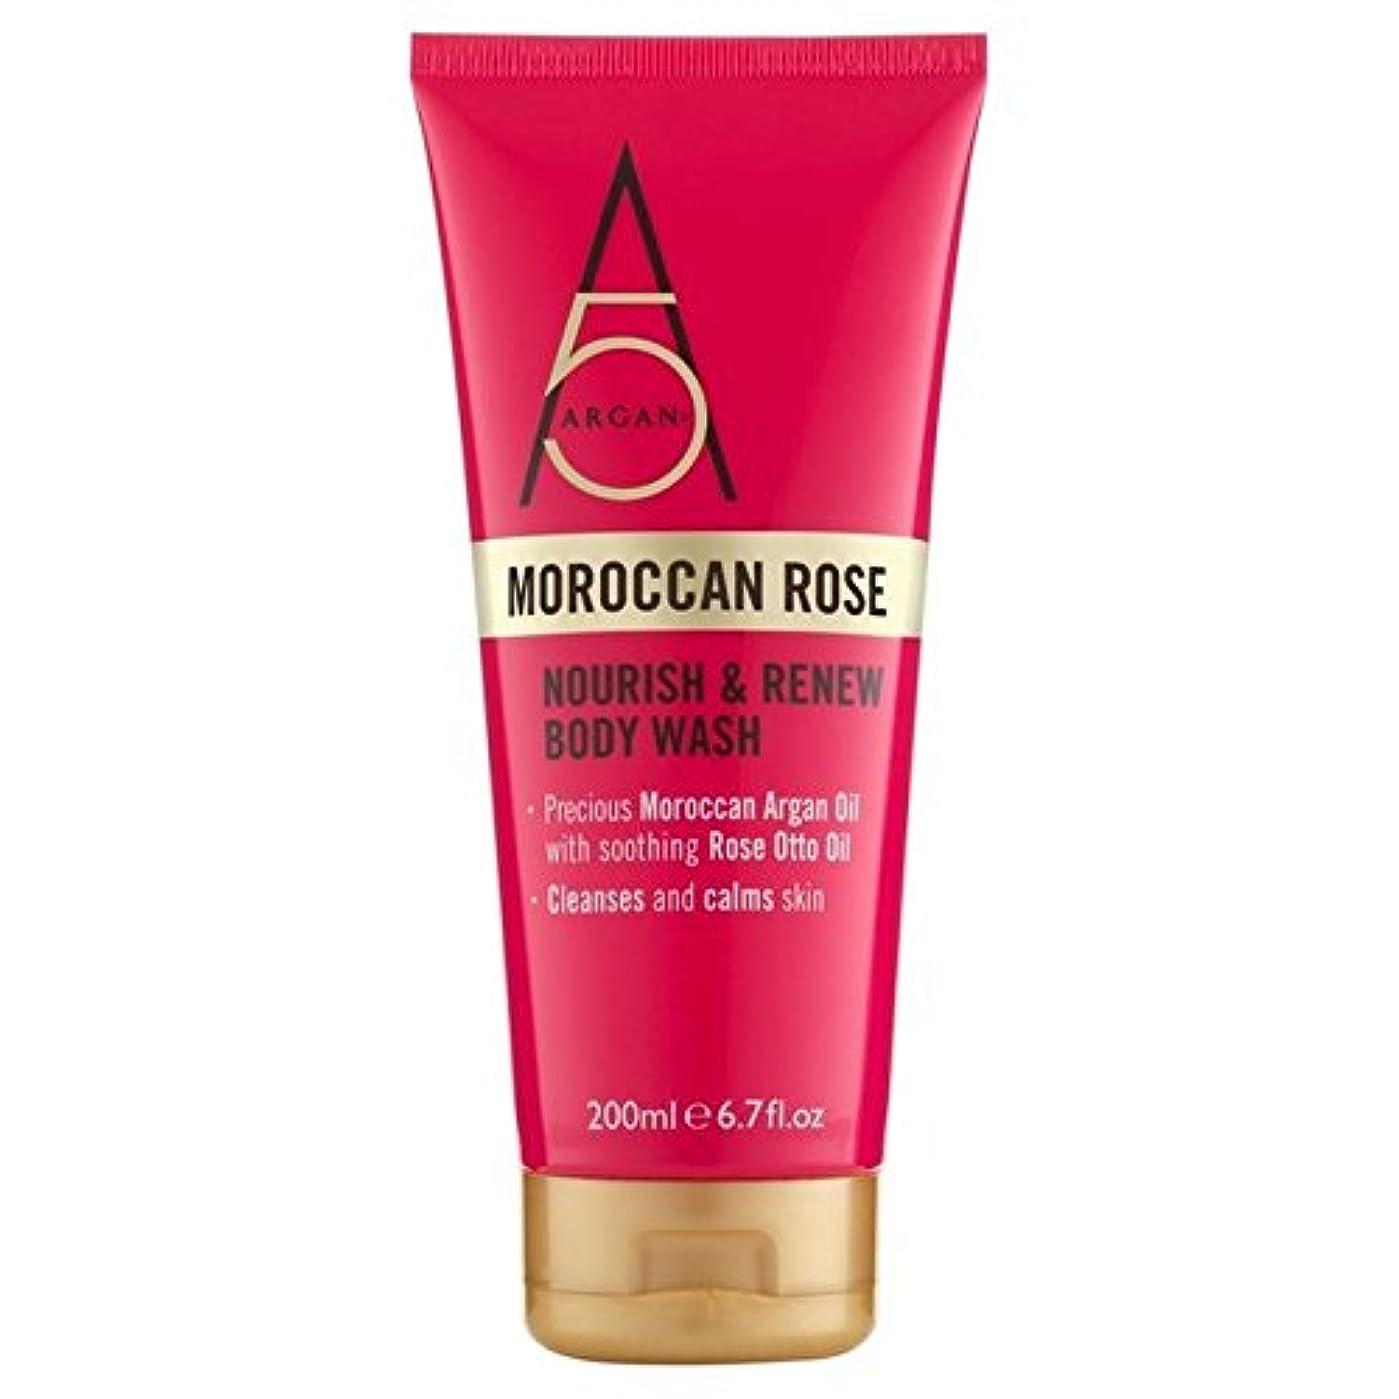 ポーチラビリンスコメンテーターアルガン+モロッコは、ボディウォッシュ300ミリリットルをバラ x2 - Argan+ Moroccan Rose Body Wash 300ml (Pack of 2) [並行輸入品]